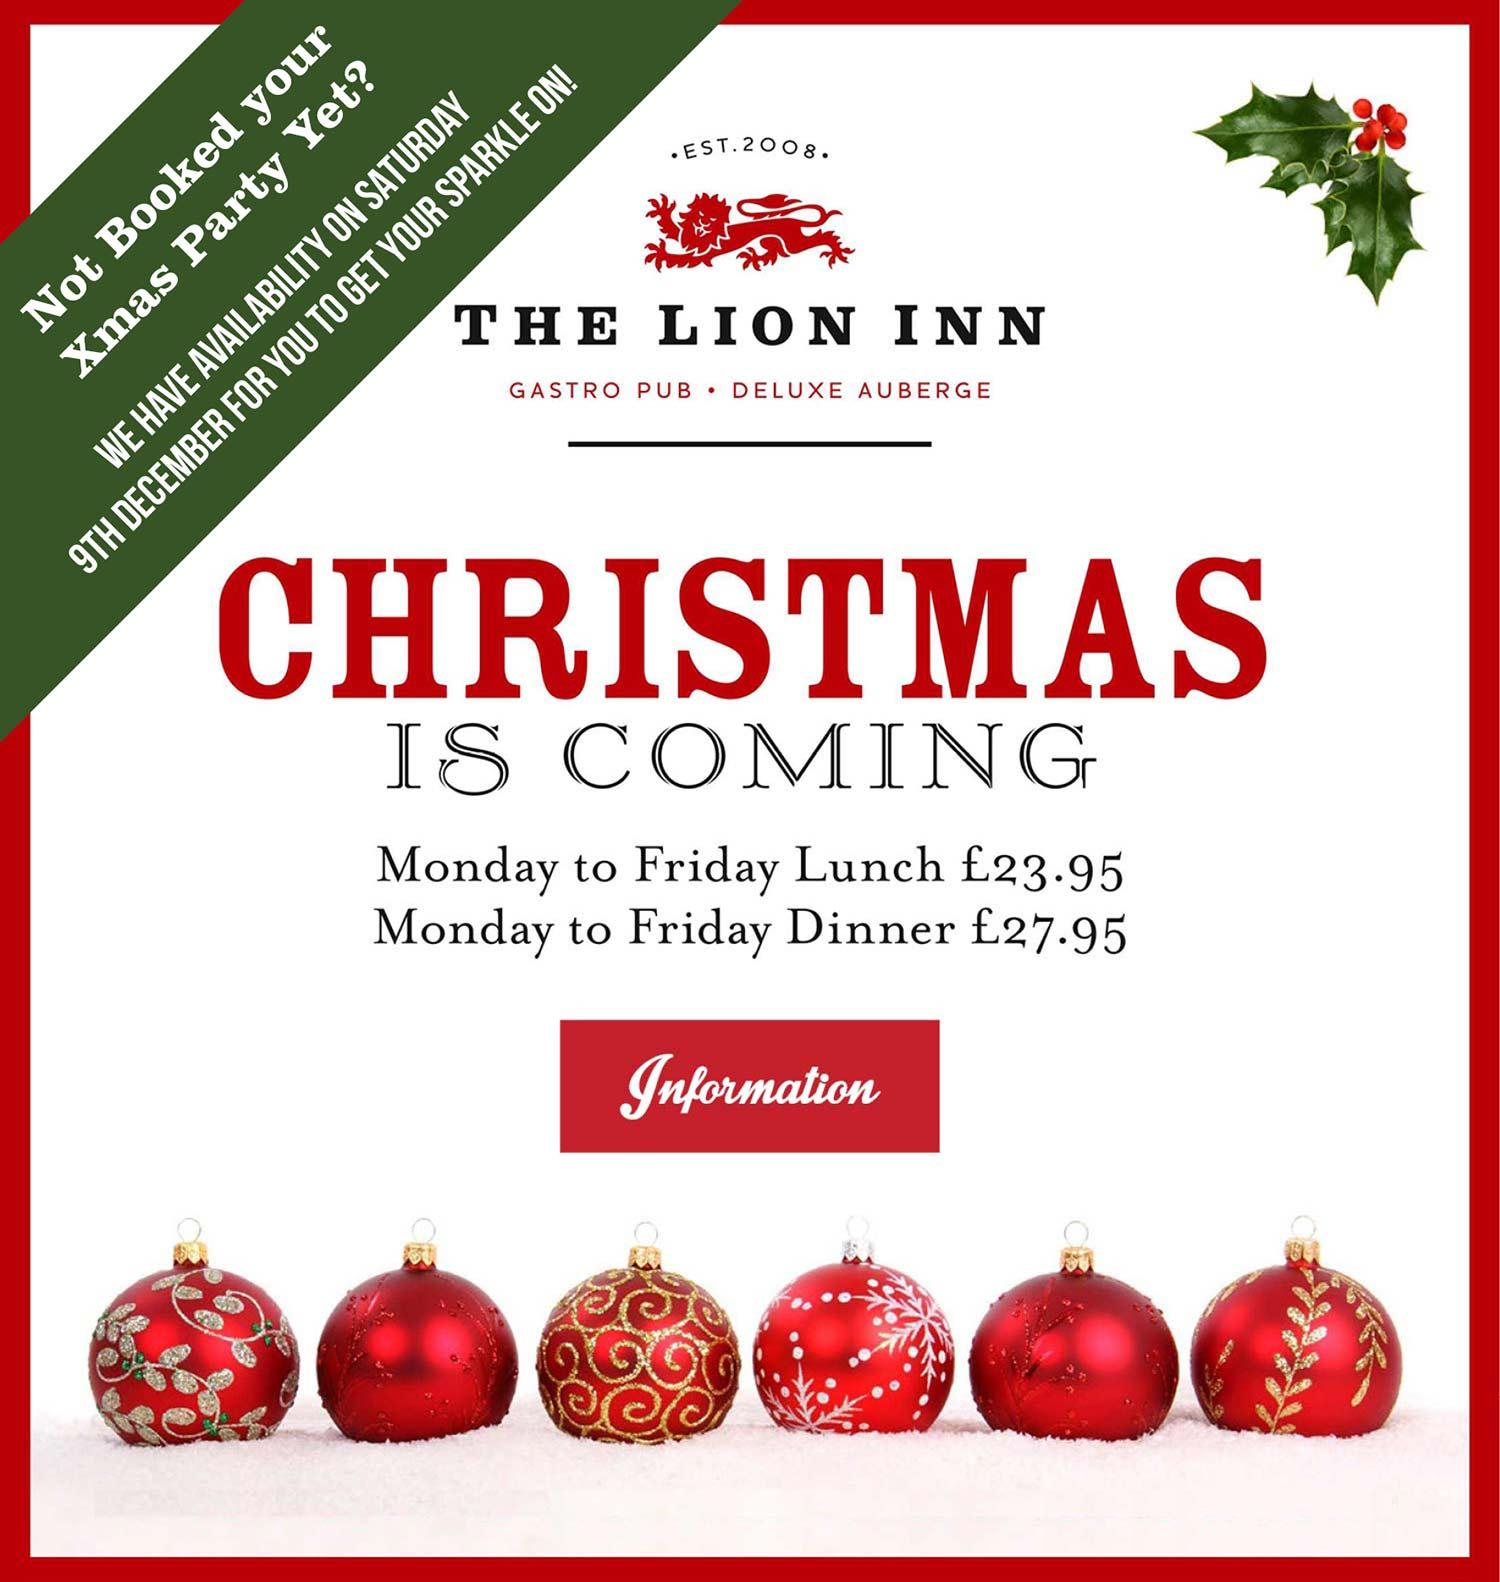 LionInn-ChristmasAvailability